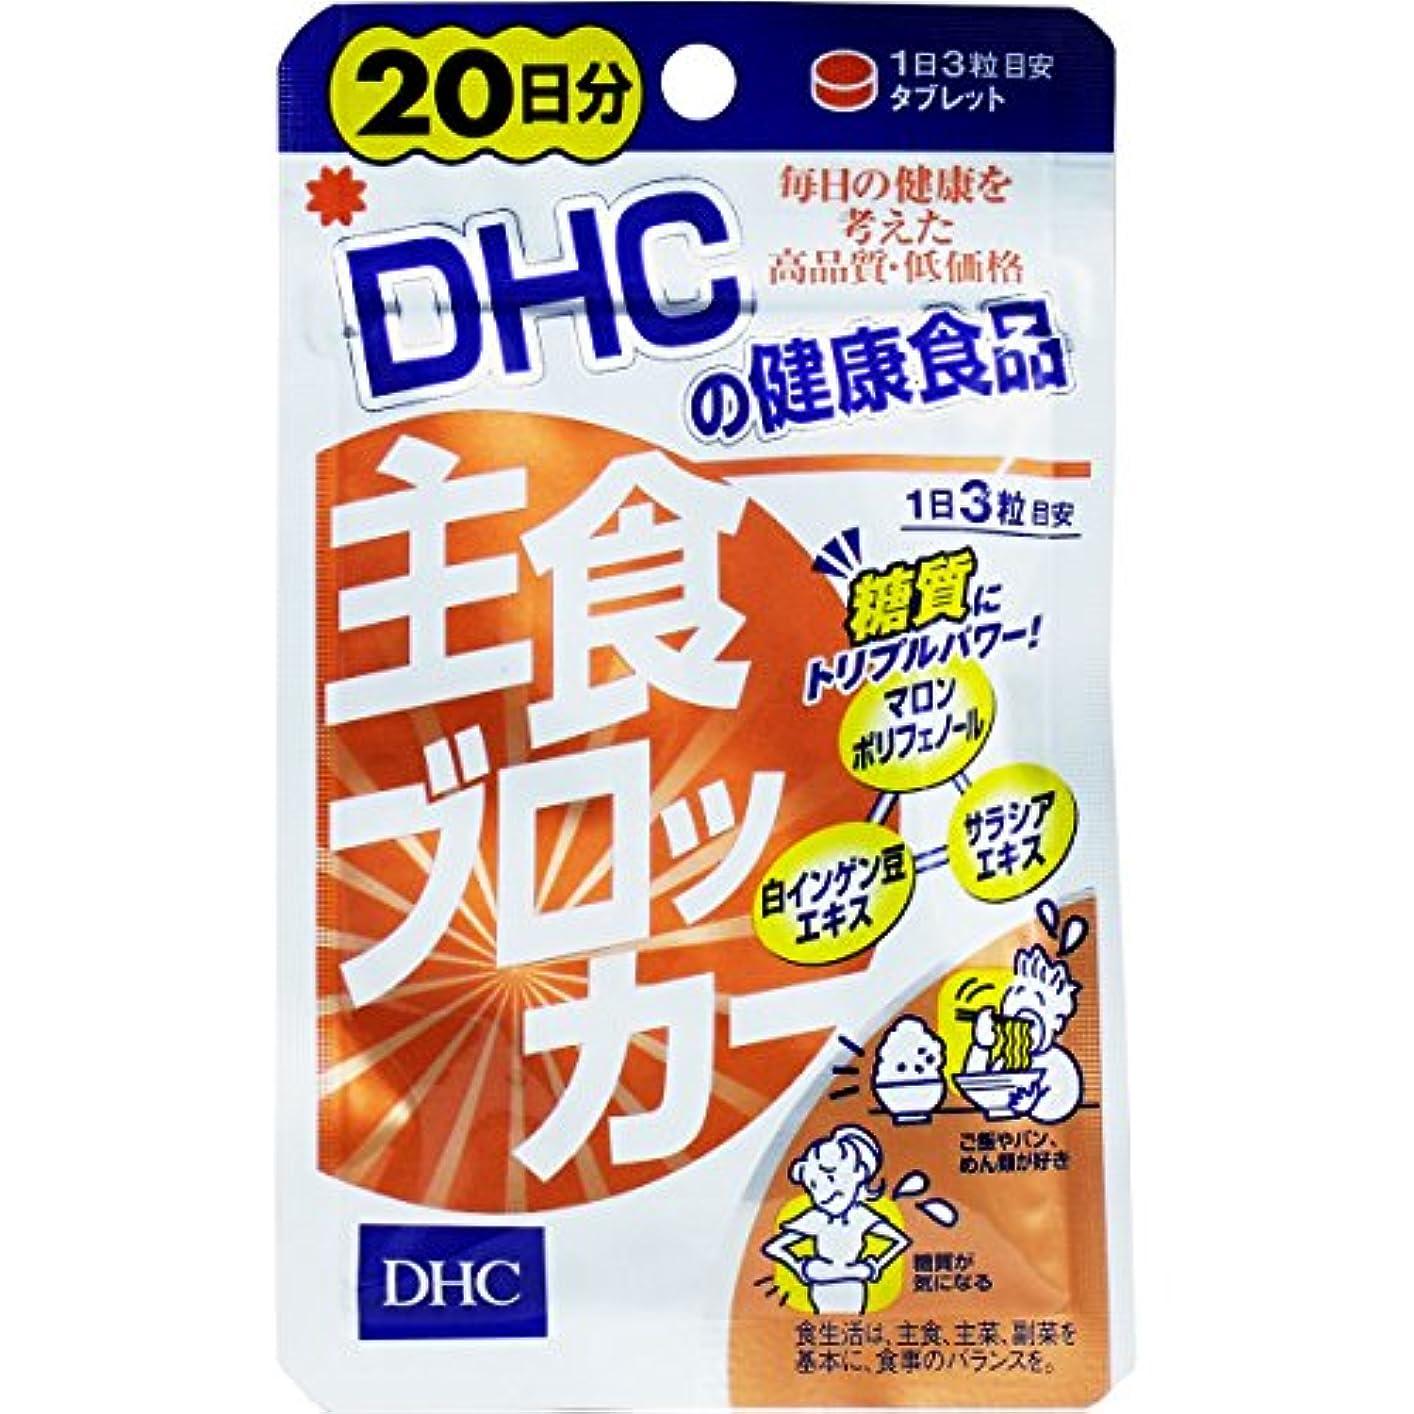 無効なぞらえるどこか【DHC】主食ブロッカー 20日分 60粒 ×5個セット